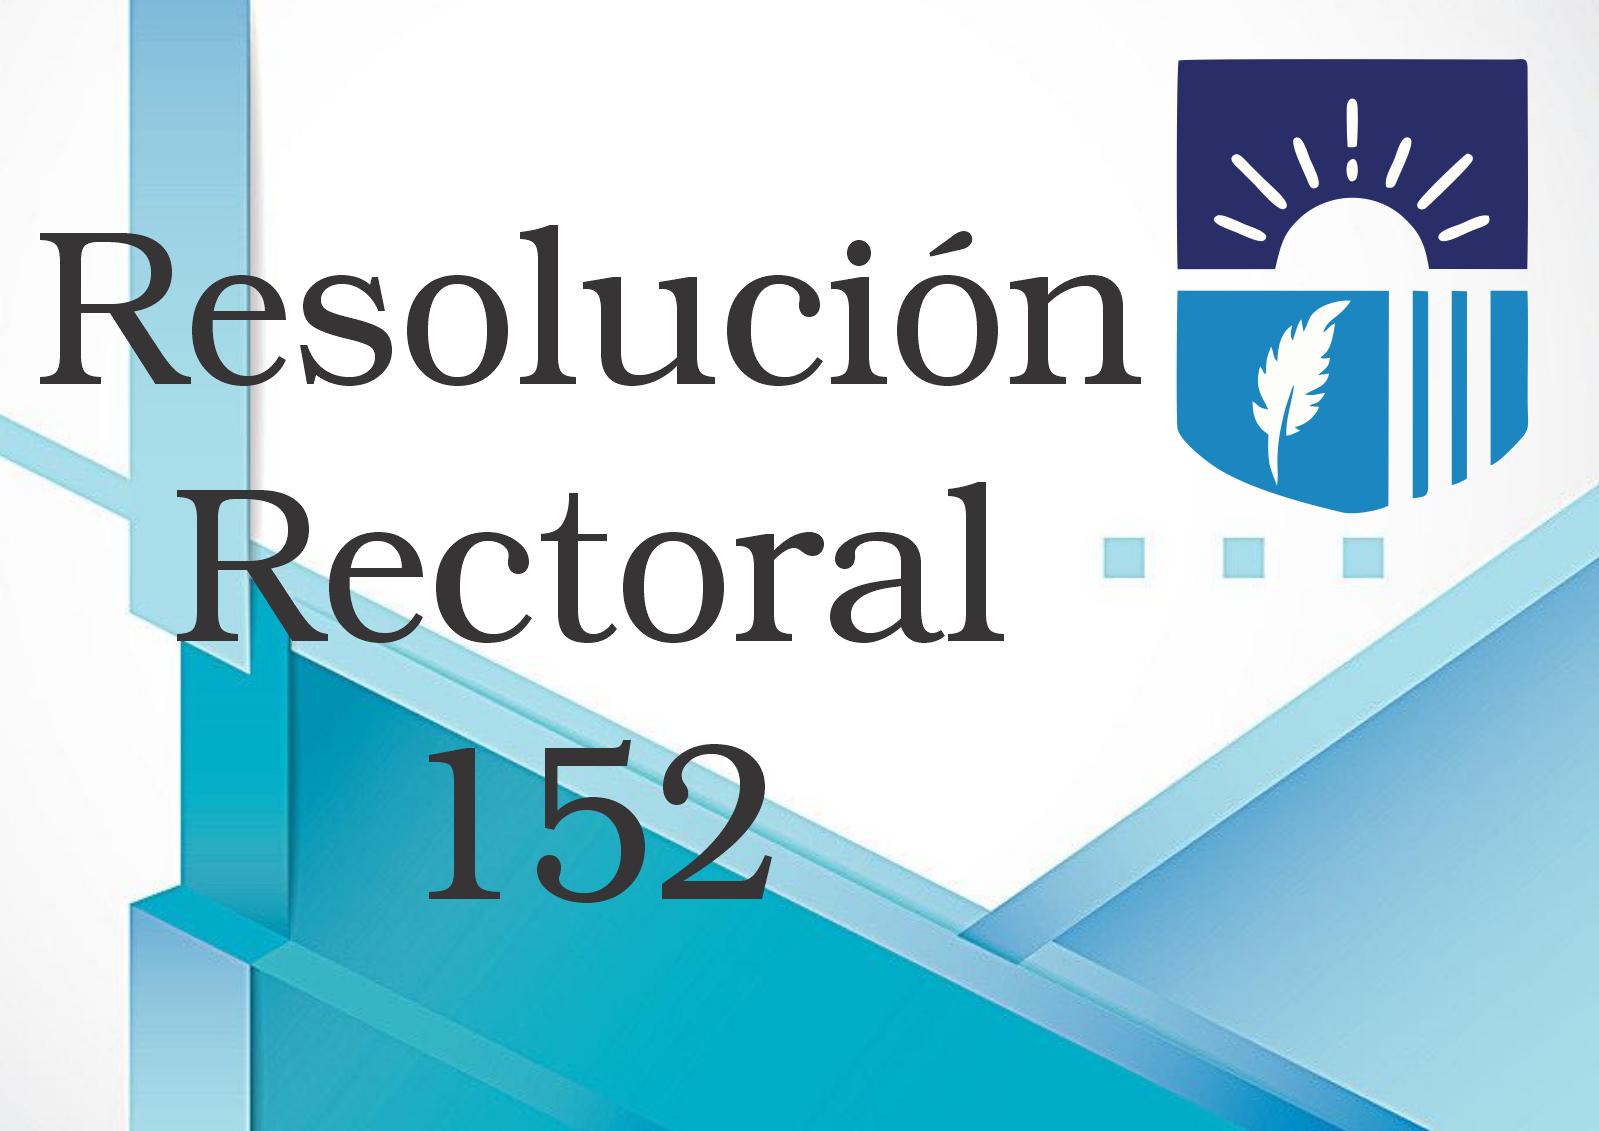 RESOLUCIÓN RECTORAL 152 DE 2020